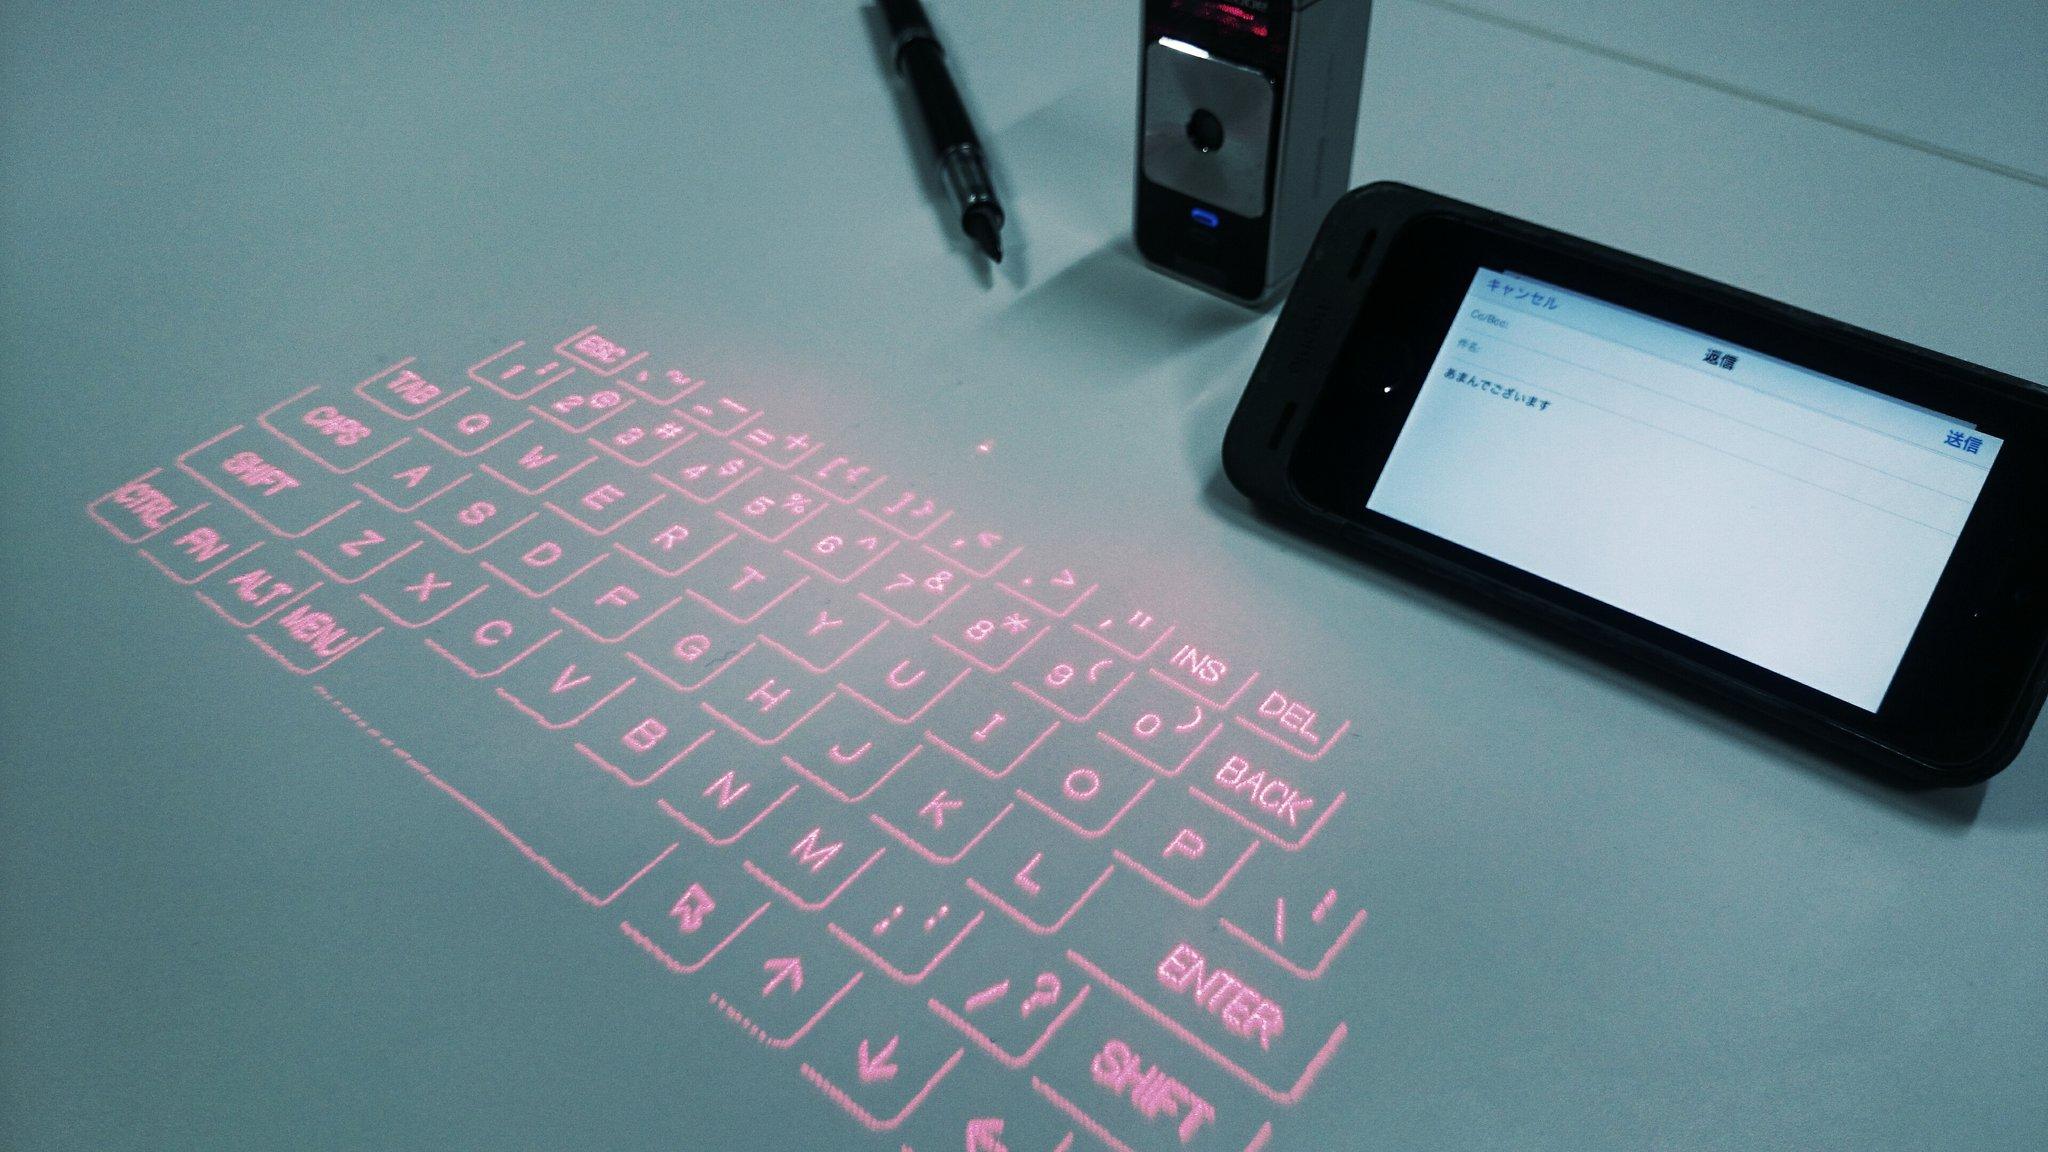 【近未來感★★★】あなたの機がキーボードになっちゃう最新機器 | 話題の畫像プラス